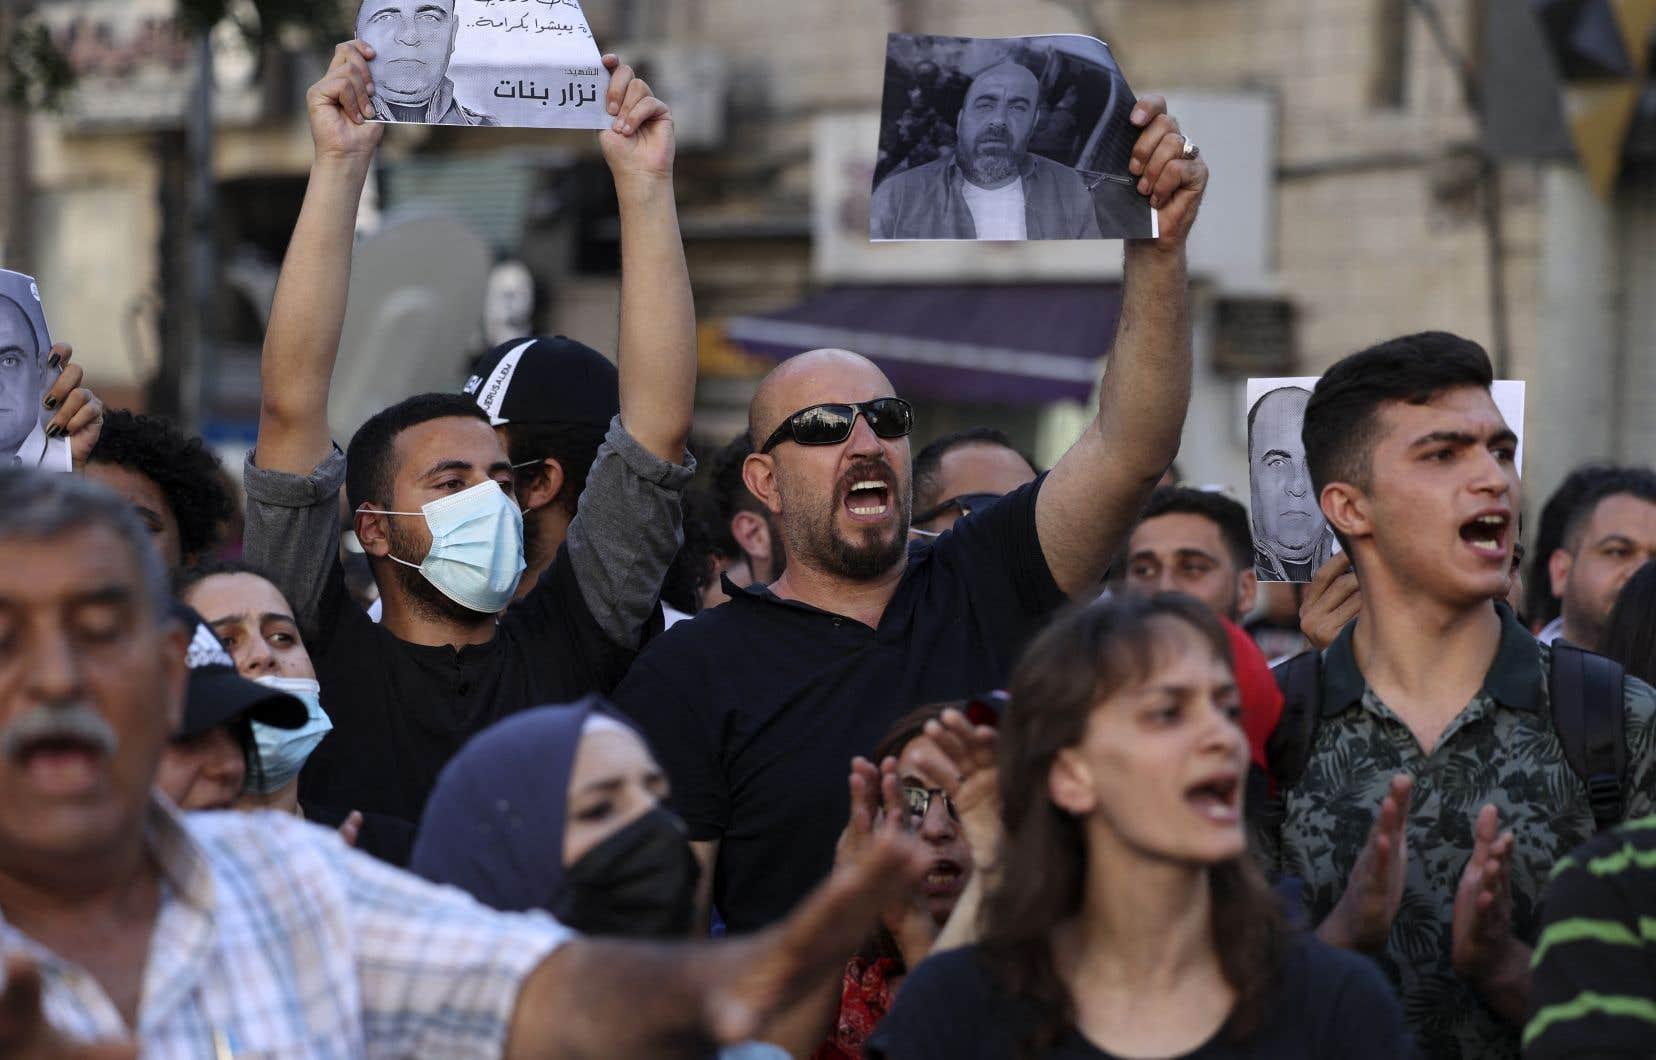 Le militant des droits de la personne Nizar Banat (sur la photo tenue) était connu pour ses vidéos postées sur les réseaux sociaux critiquant l'Autorité palestinienne de Mahmoud Abbas, qu'il accusait de corruption. Sa famille accuse les forces de sécurité palestiniennes de l'avoir «assassiné».